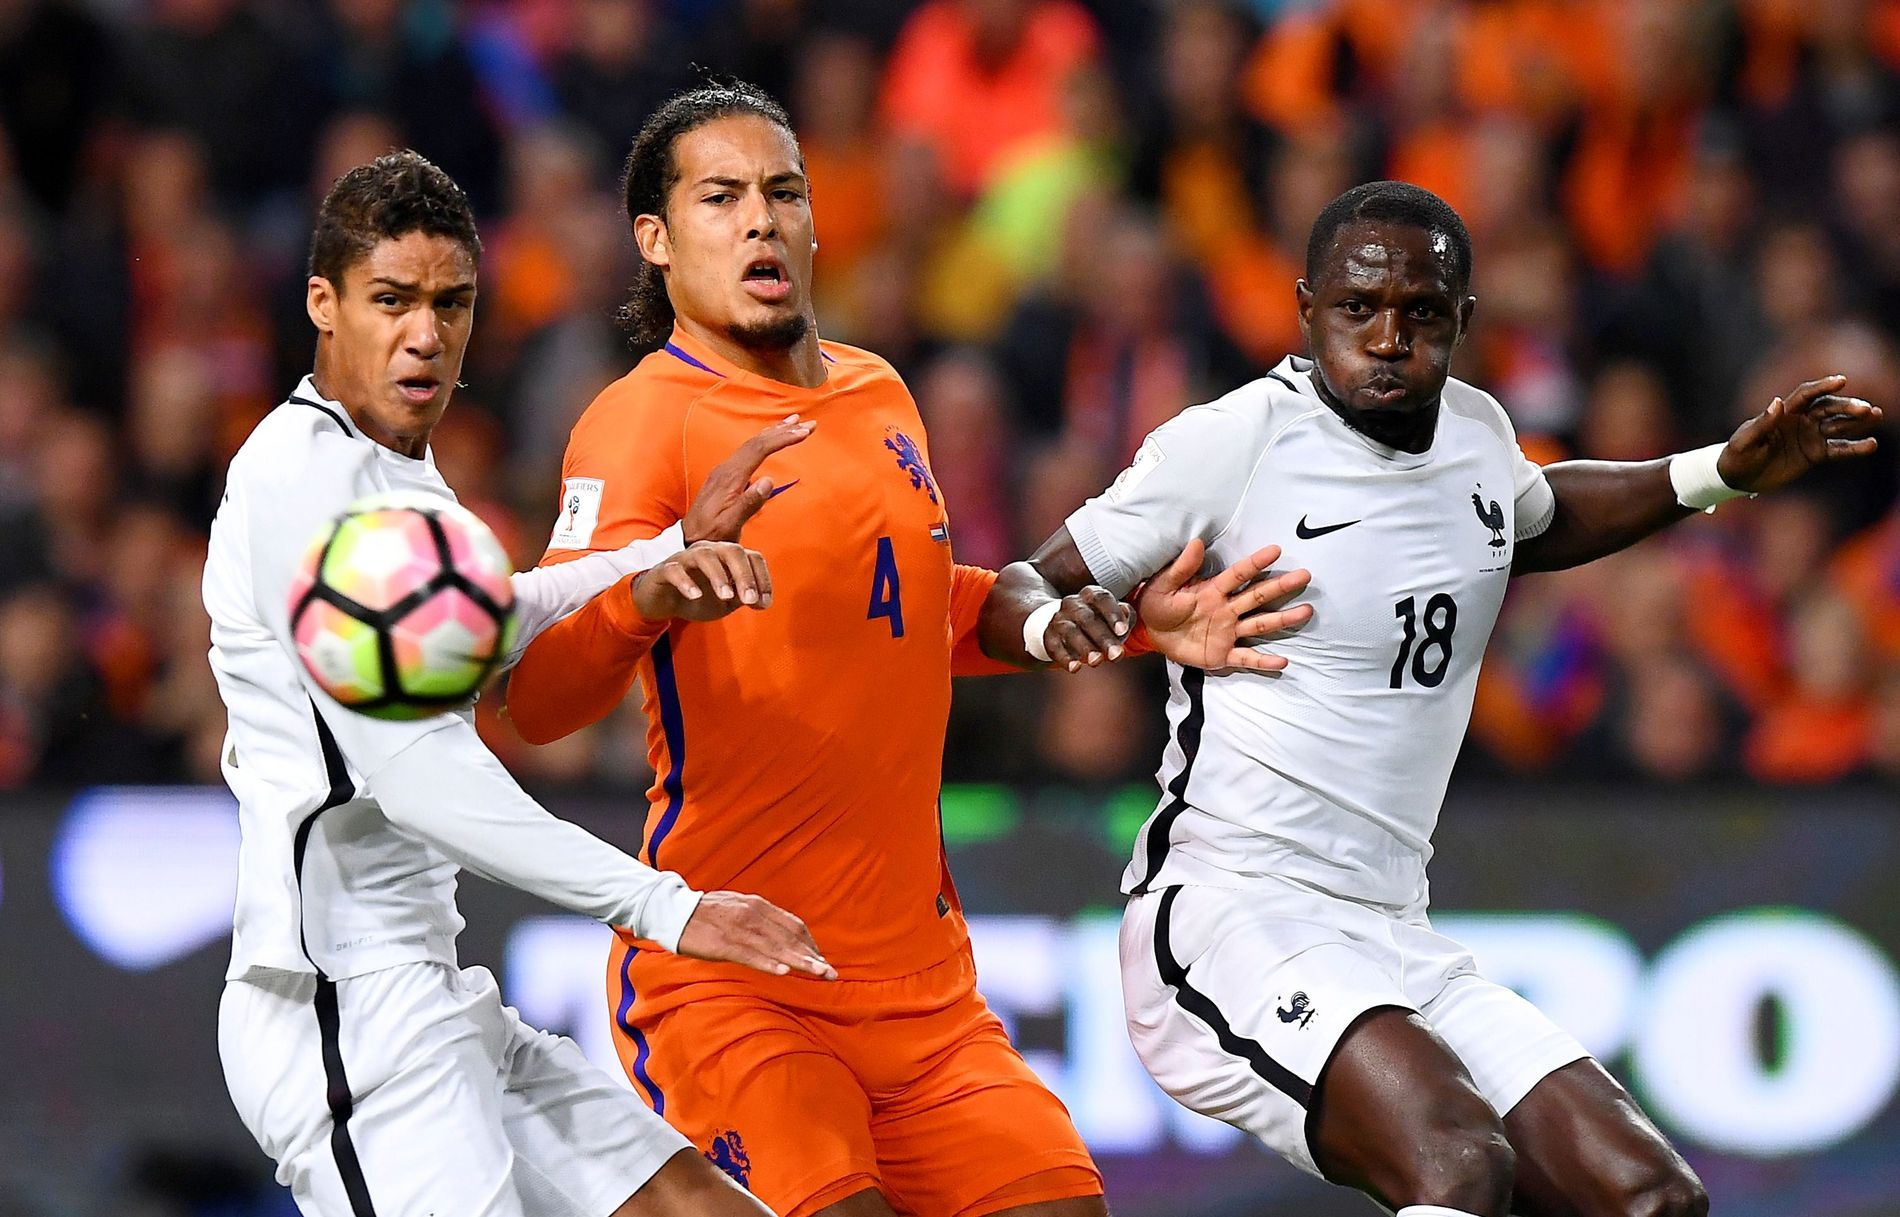 I DUELL: Raphael Varane og Virgil Van Dijk kjempet om førsteplassen i VG-kåringen av de beste forsvarsspillerne. Til høyre Moussa Sissoko.